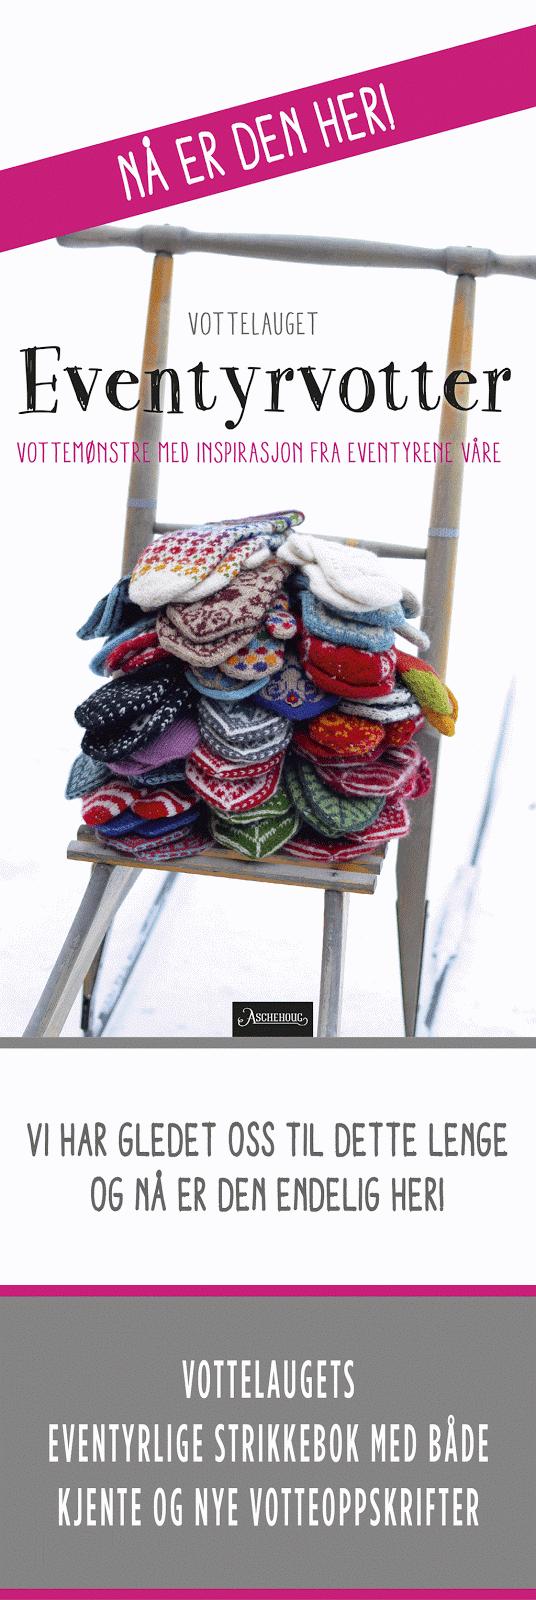 Som medlem av Vottelauget er eg en del av strikkeboka Eventyrvotter (Aschehoug Forlag)